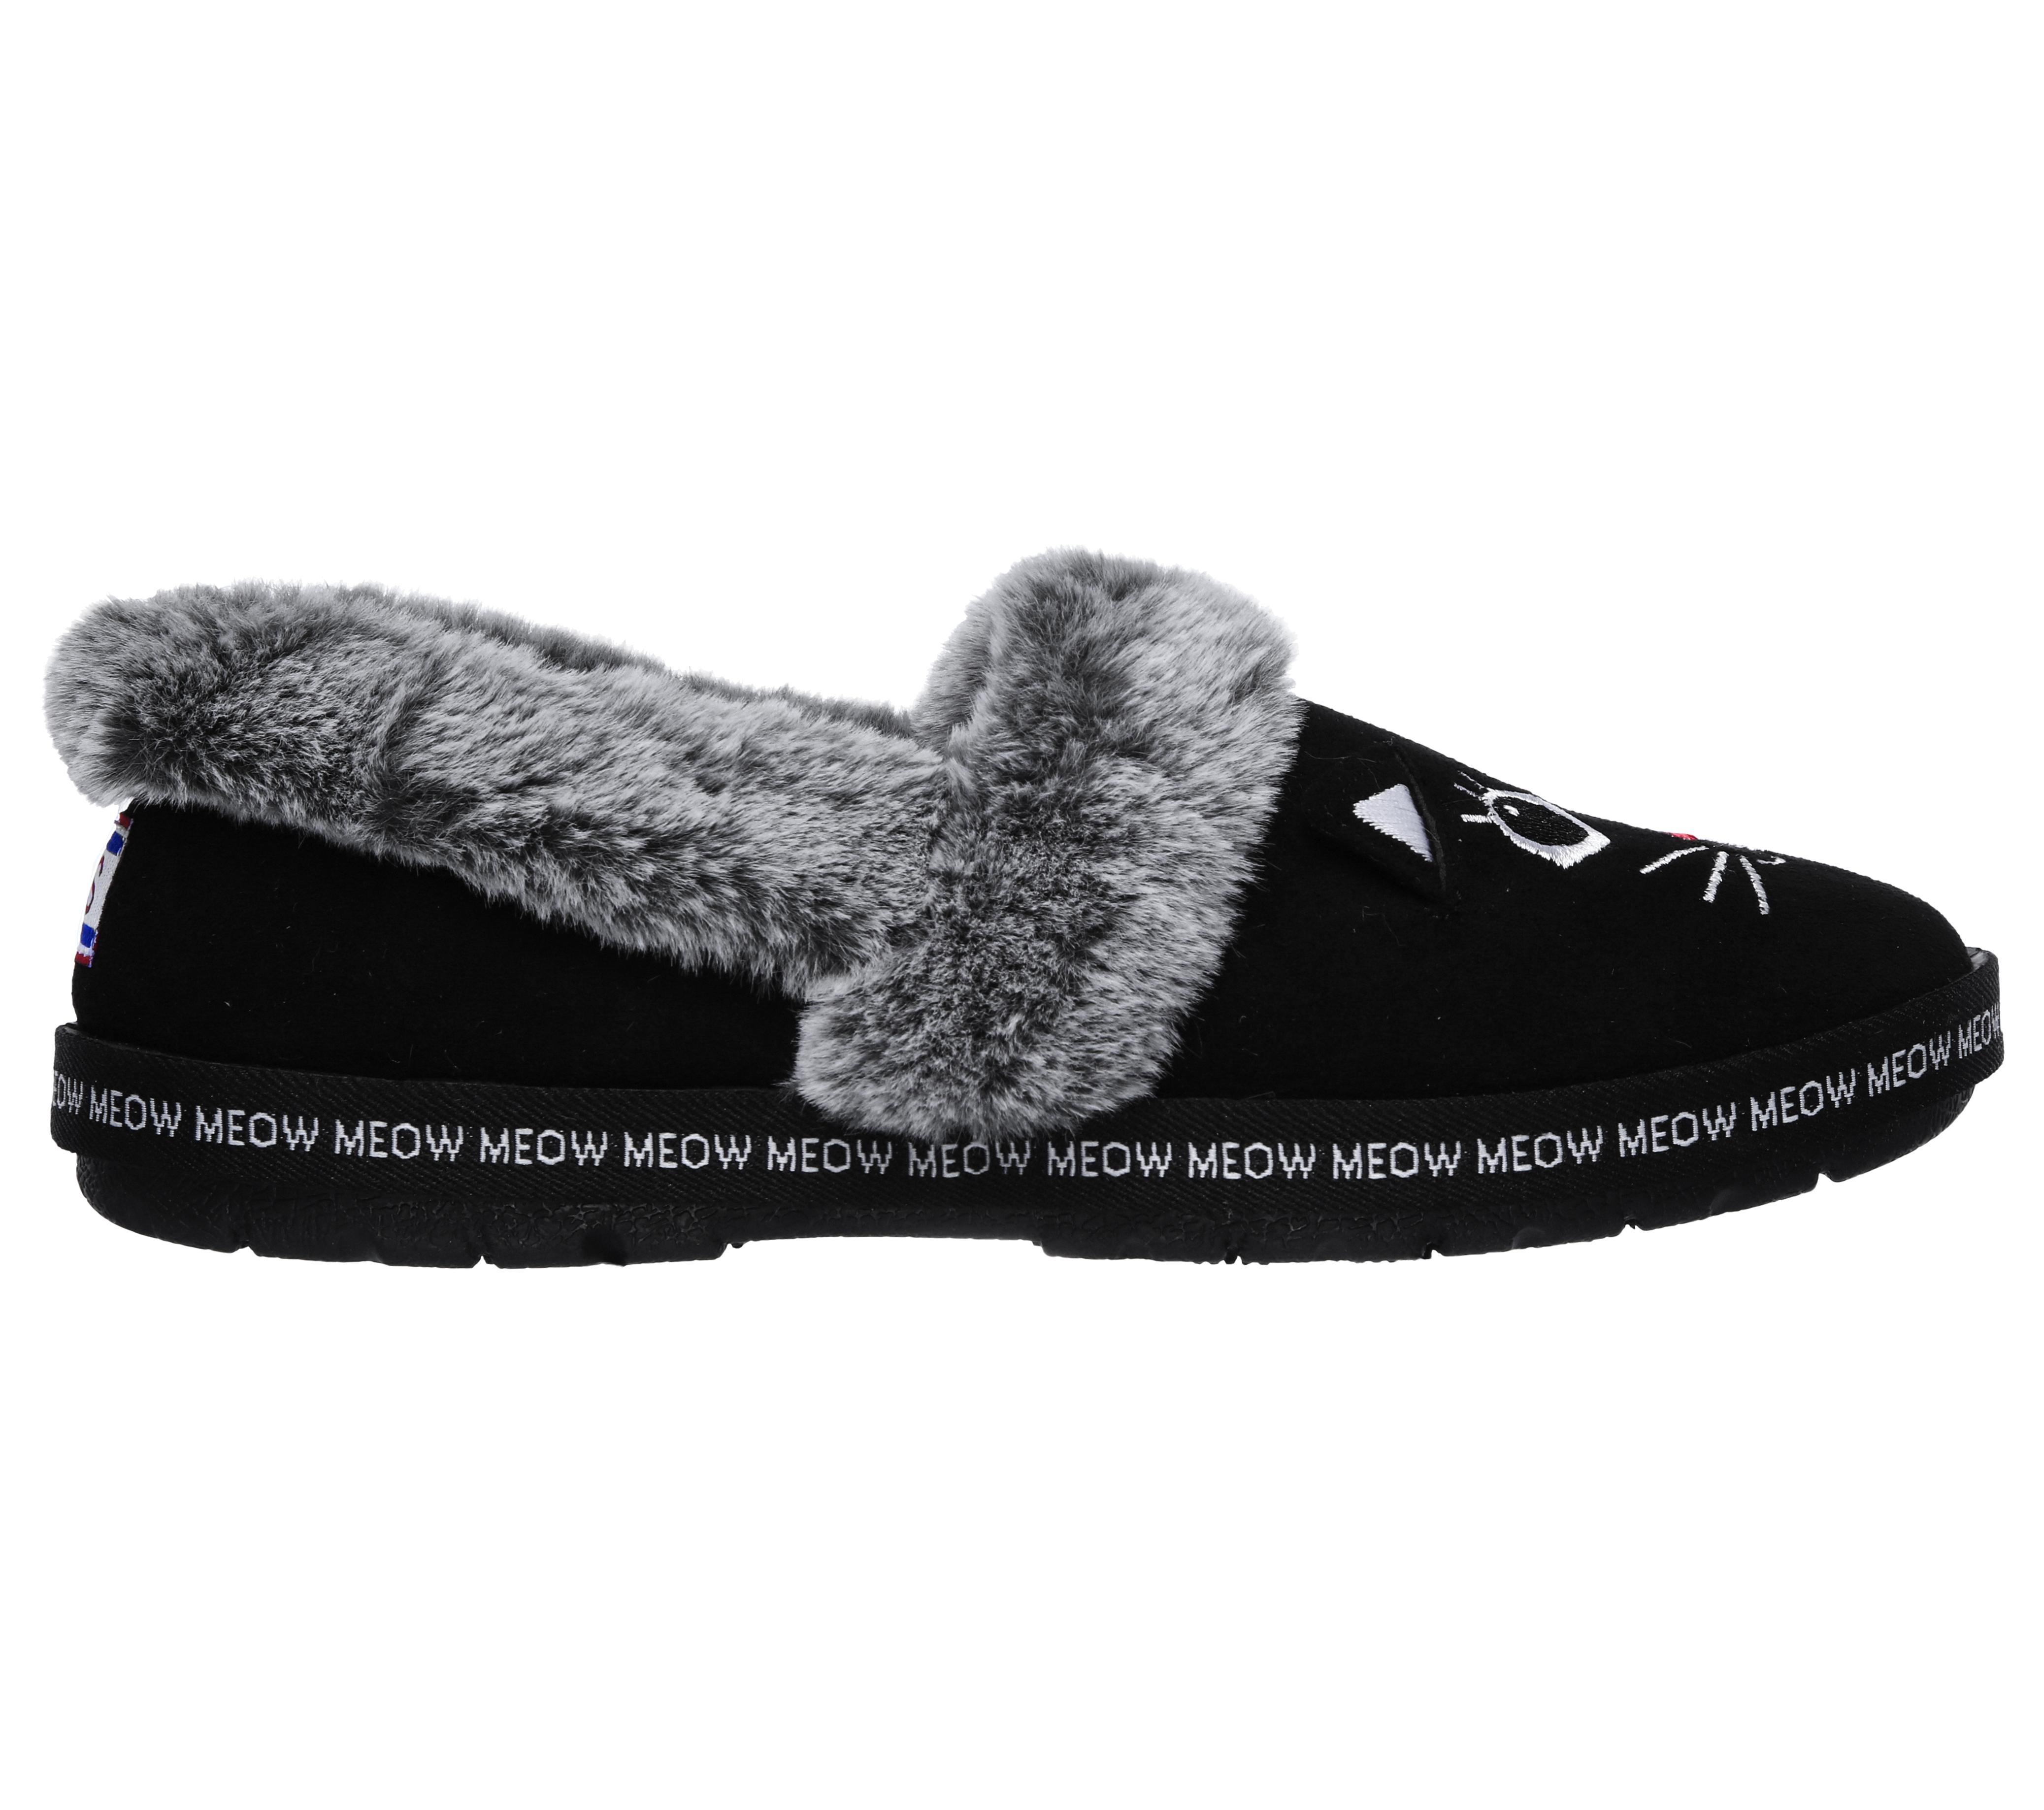 Skechers TOO COZY MEOW*